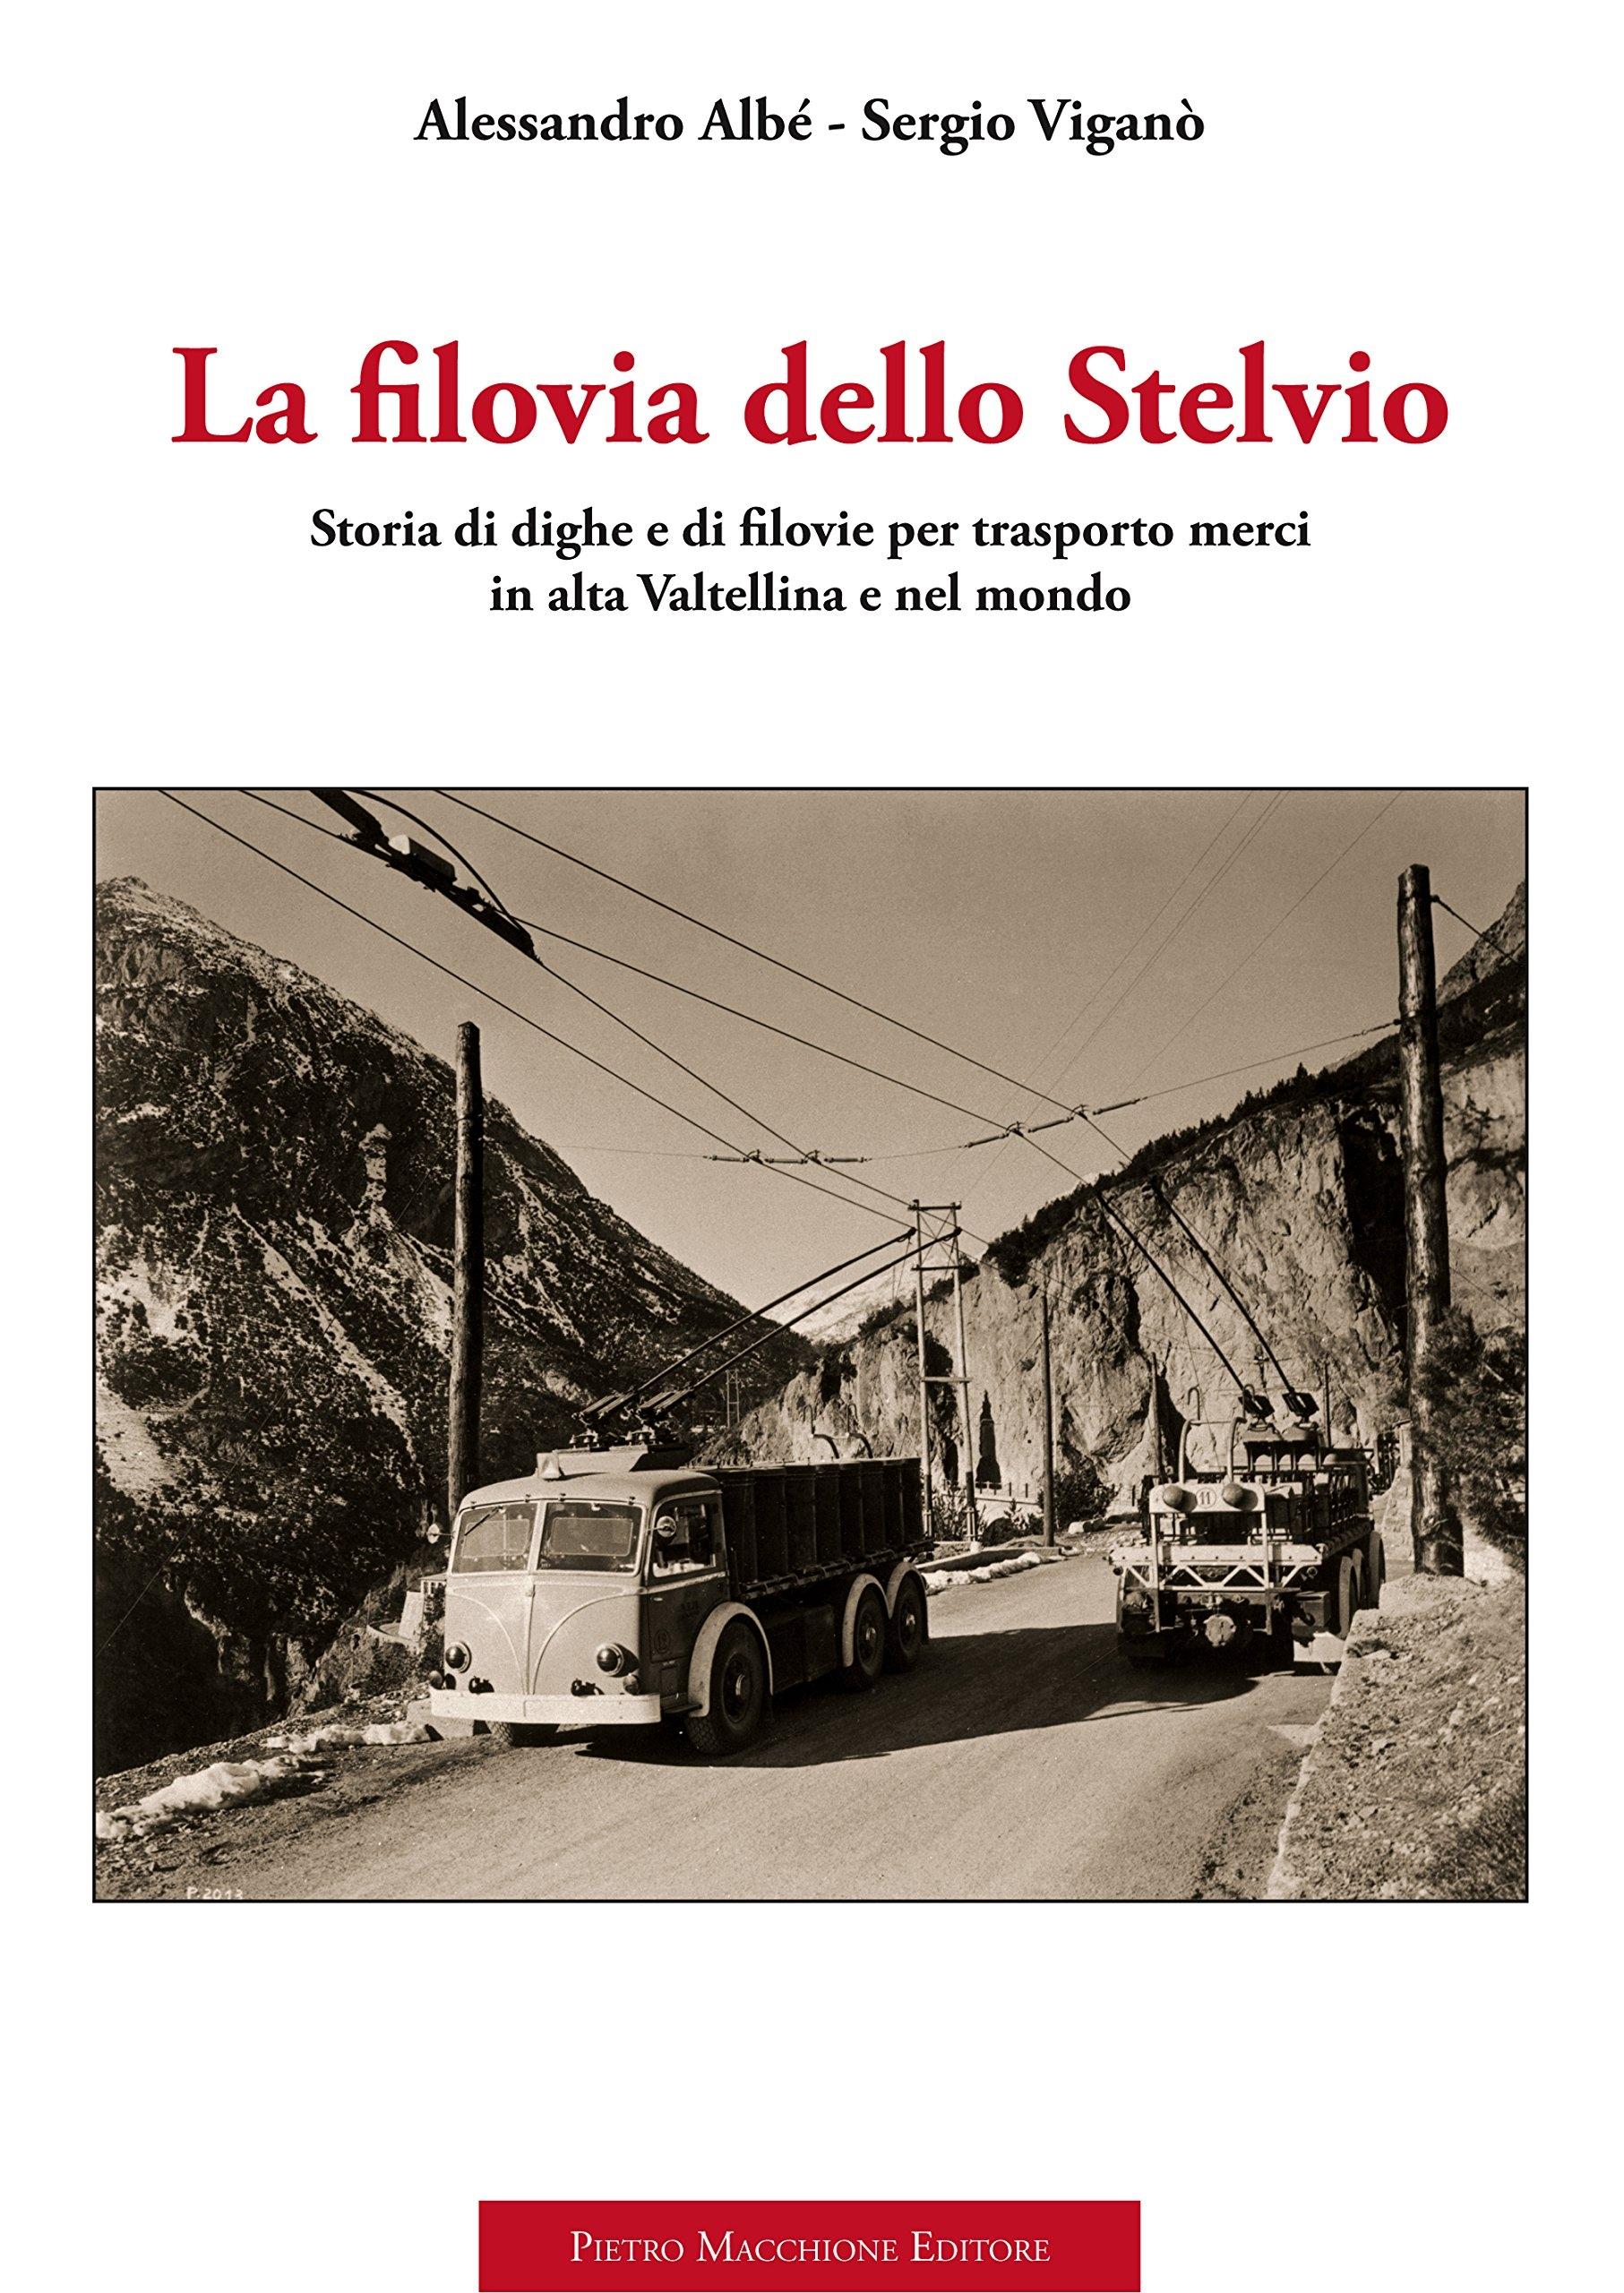 La Filovia dello Stelvio. Storia di Dighe e di Filovie per Trasporto Merci in Alta Valtellina e nel Mondo.